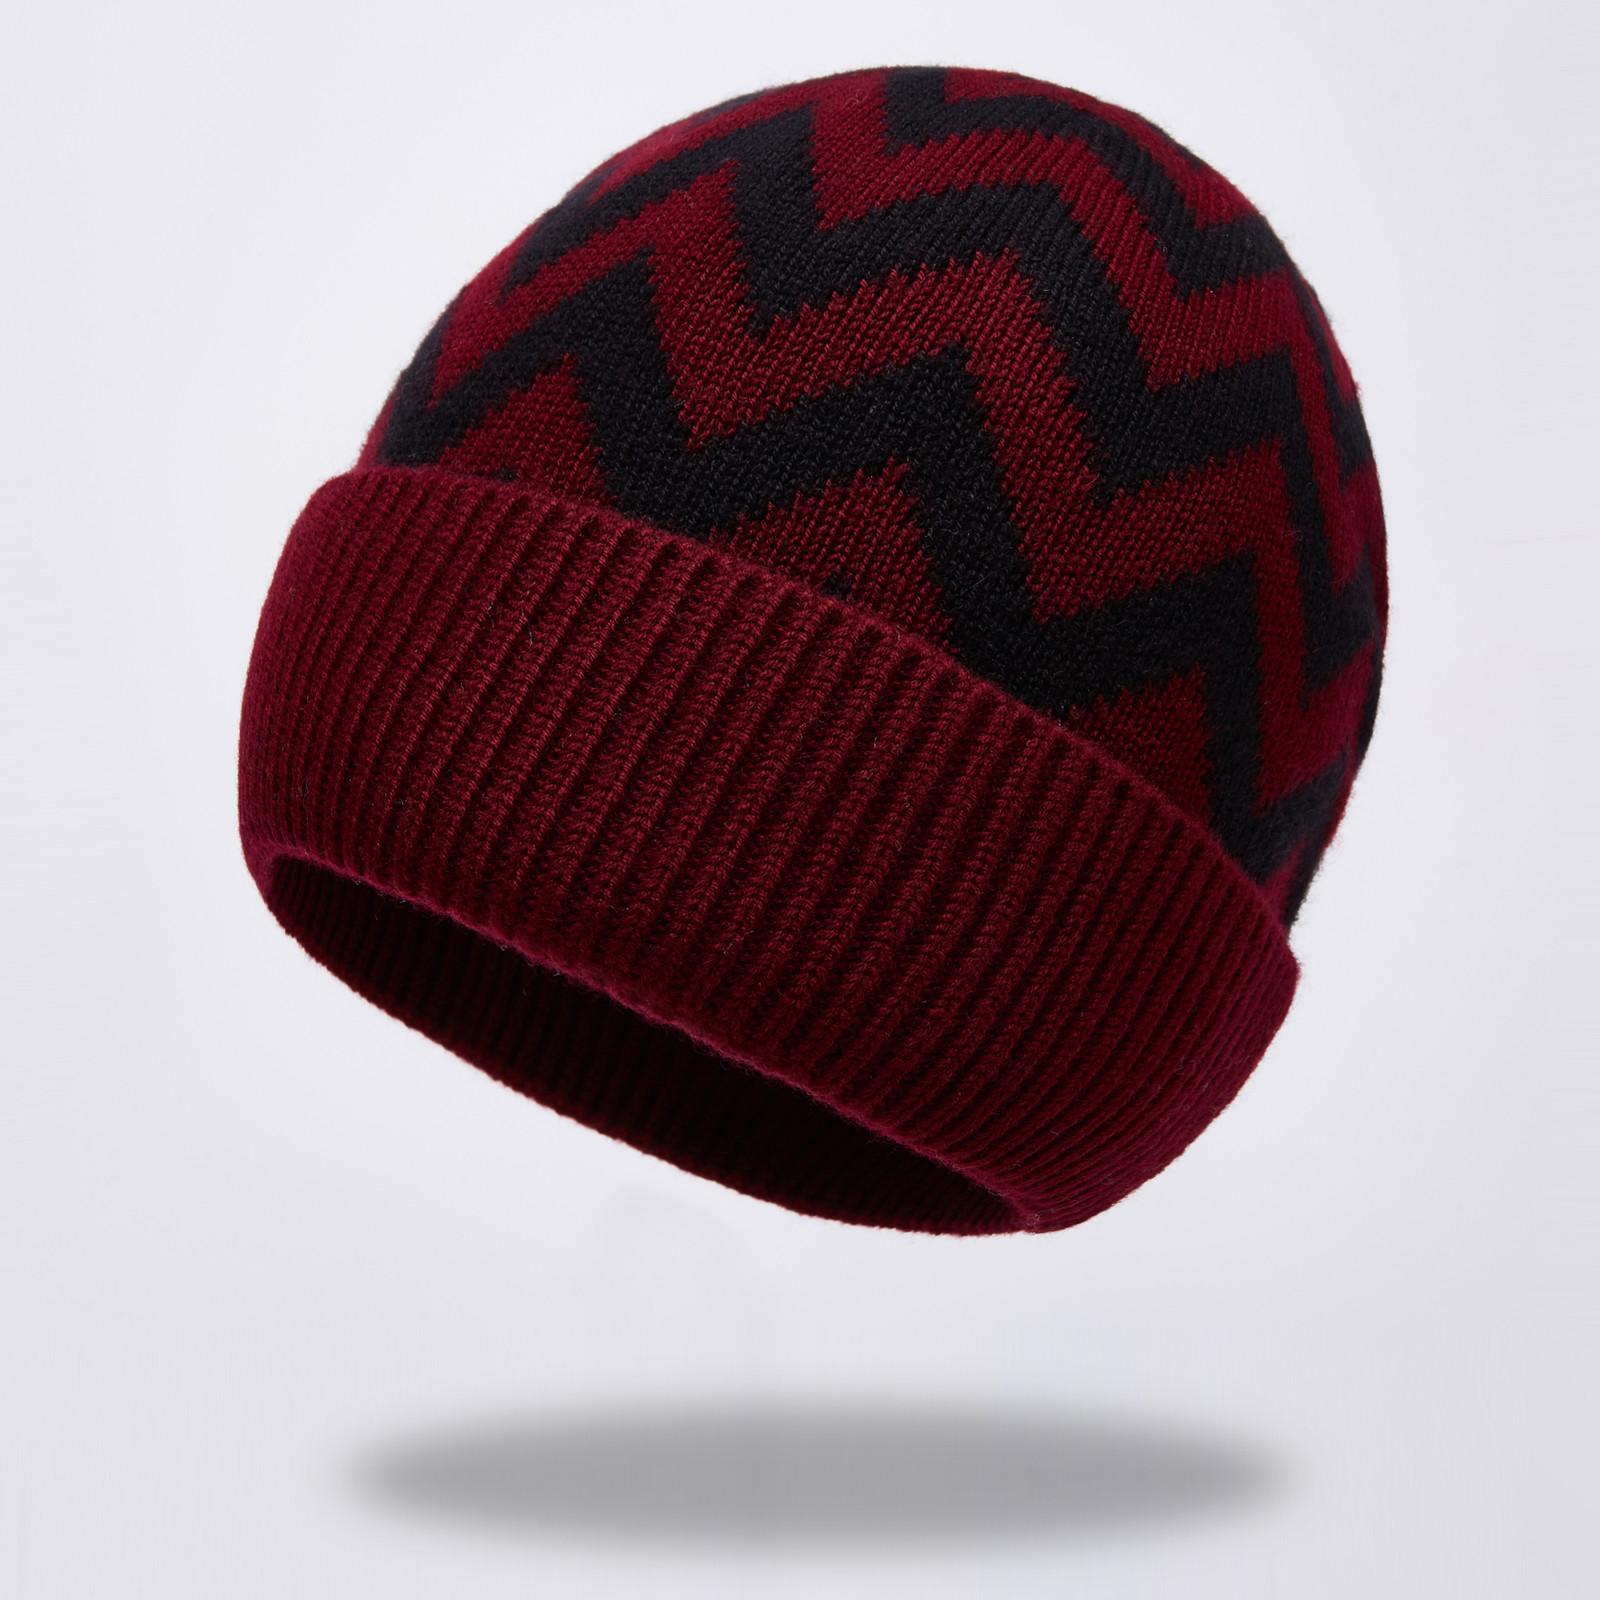 Uomini donne Cappello in lana puro 100% autunno inverno a strisce in pile in pile maglia sportiva calda copertura cappuccio